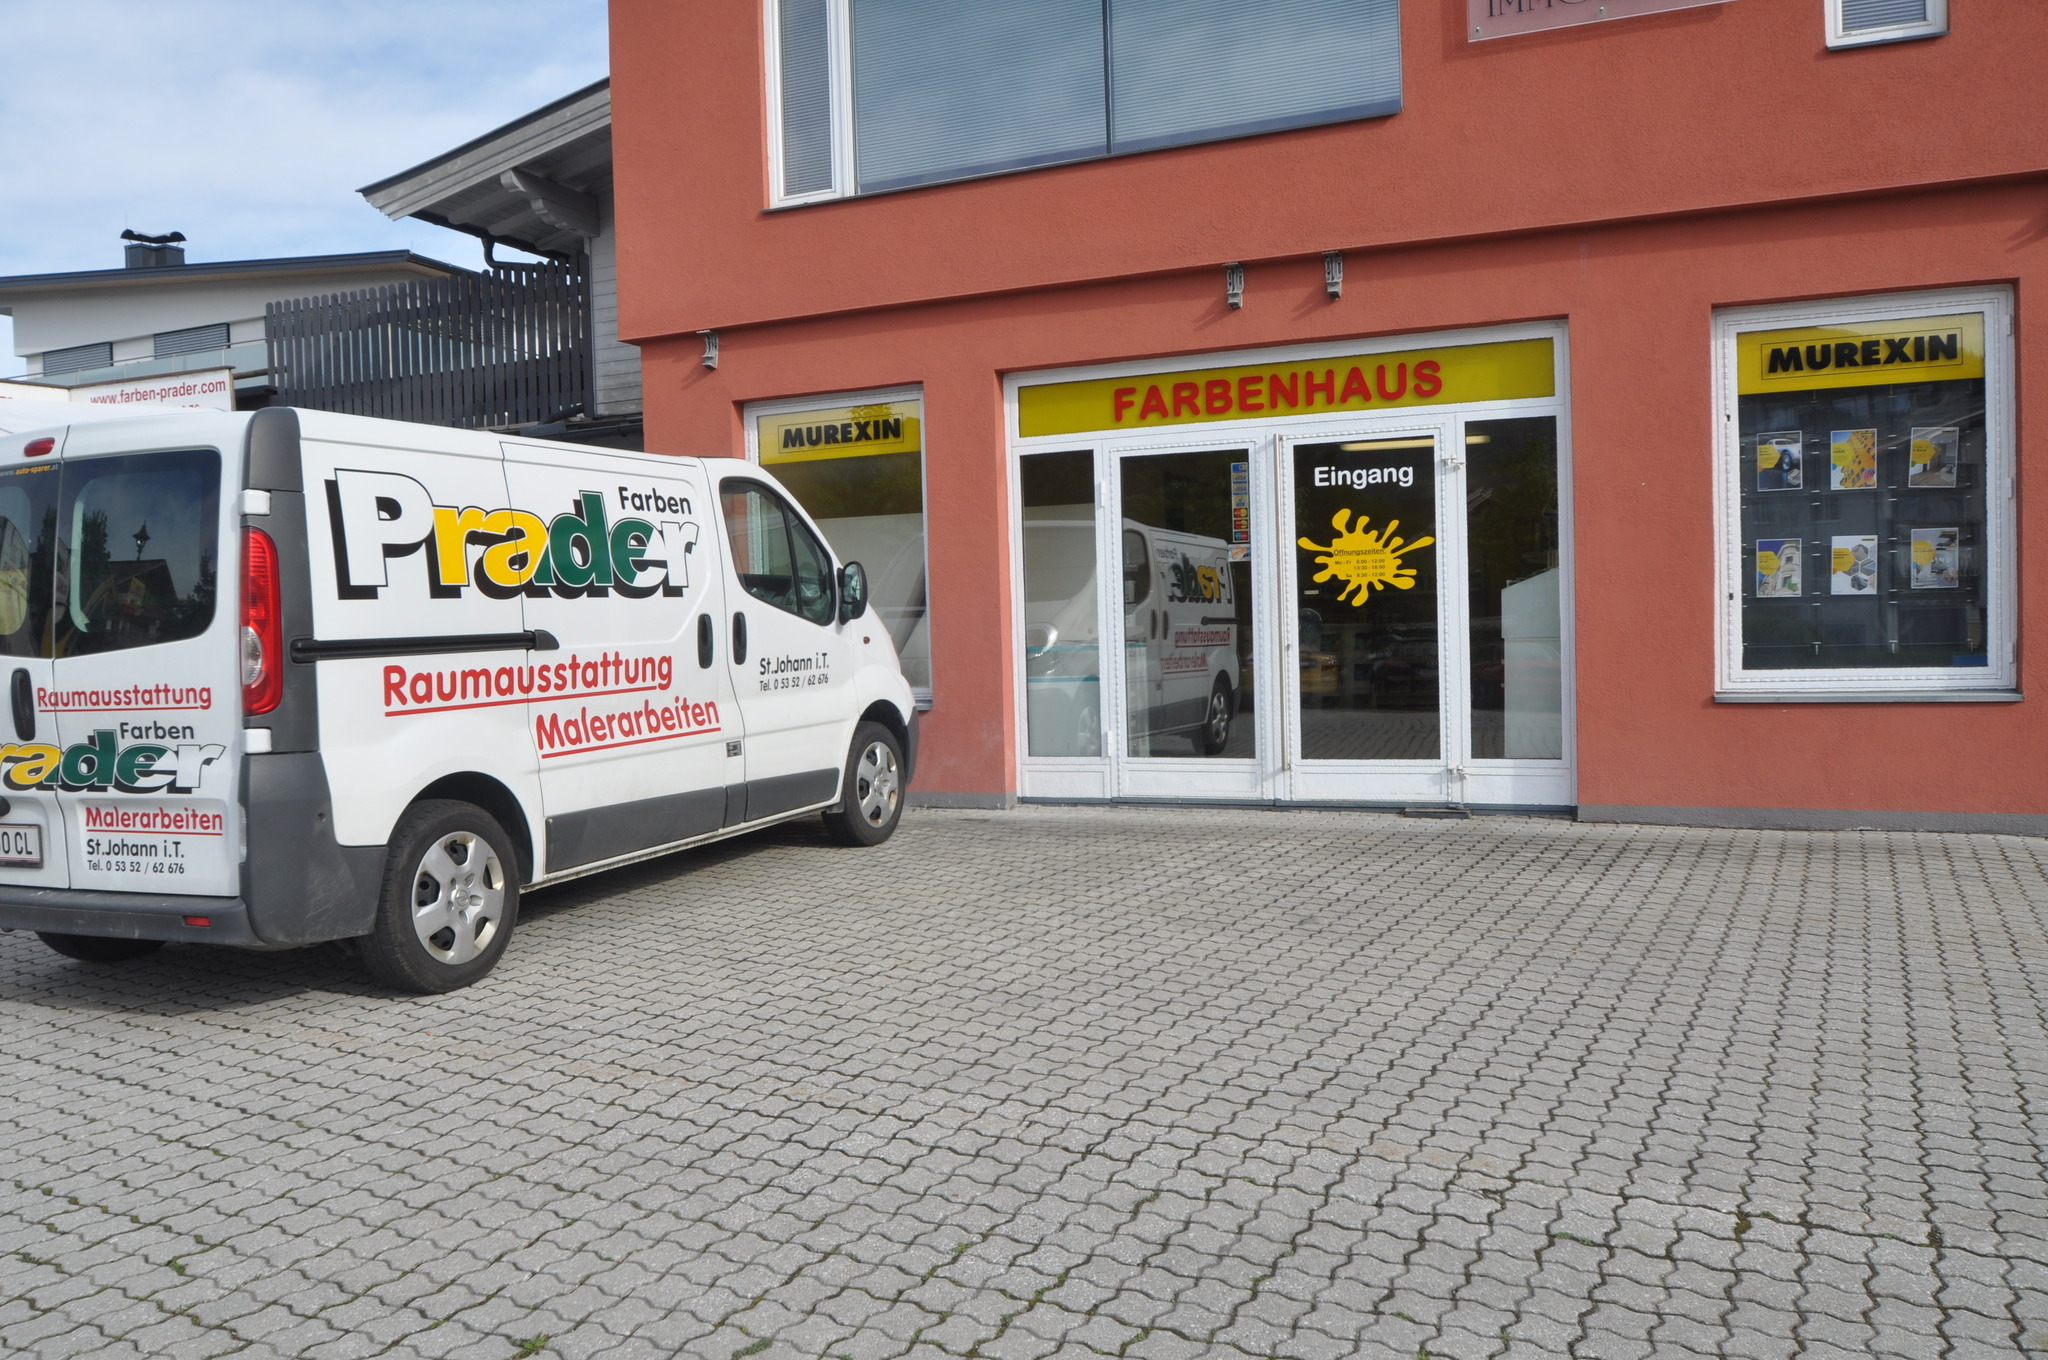 Neuubernahme Und Neueroffnung Im Farbenhaus Prader Kitzbuhel